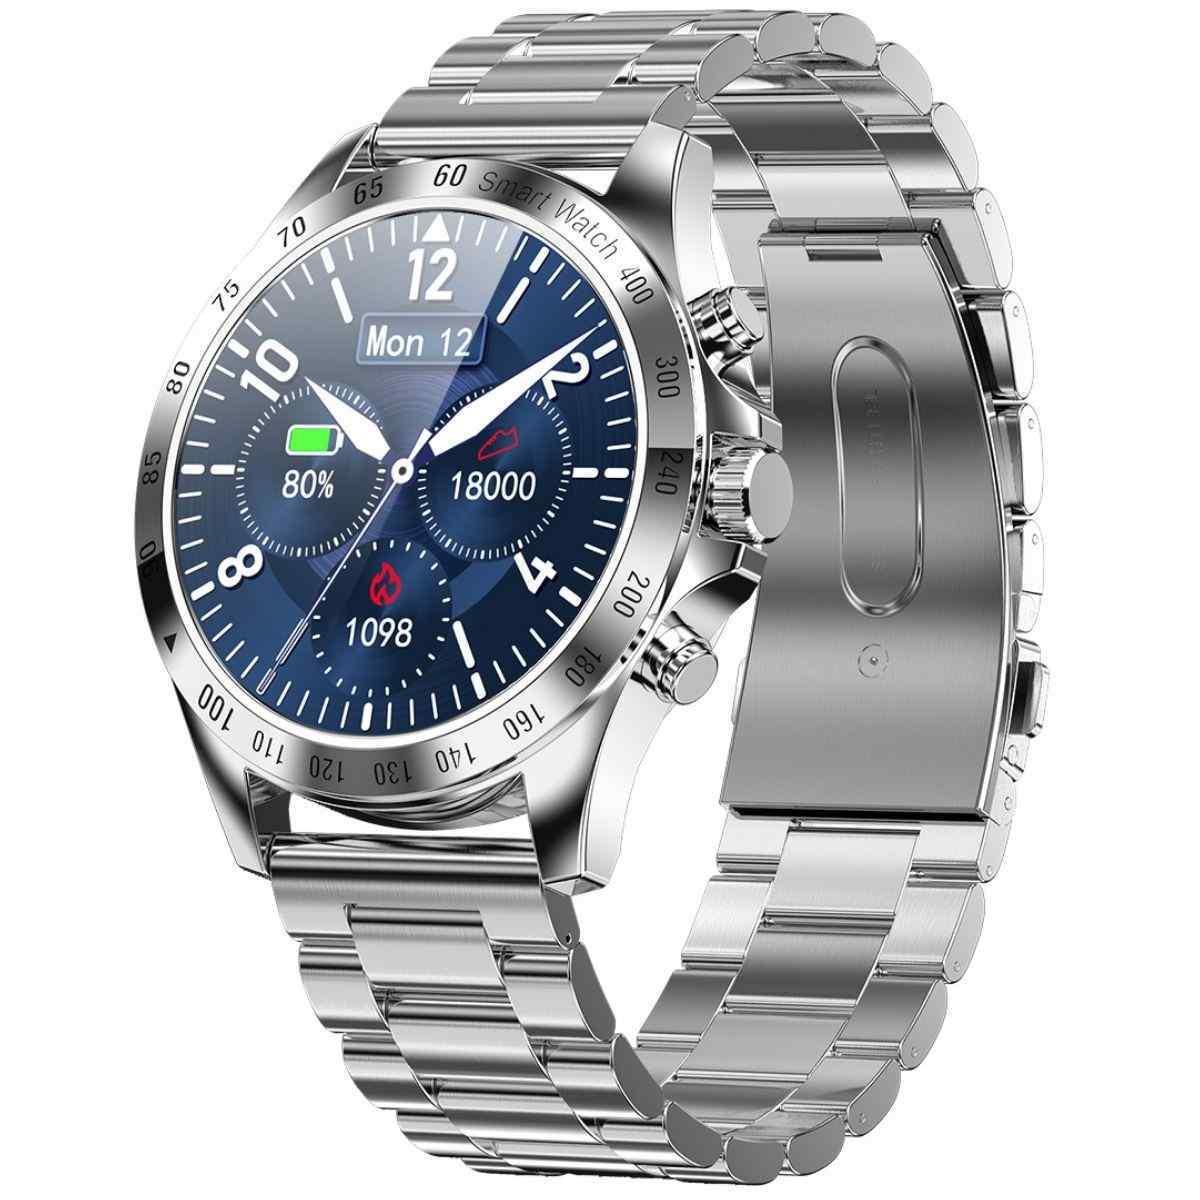 Смарт часы и браслеты Смарт часы KingWear LW09 Metal с пульсоксиметром и фитнес трекером KingWear_LW09__5_.jpg